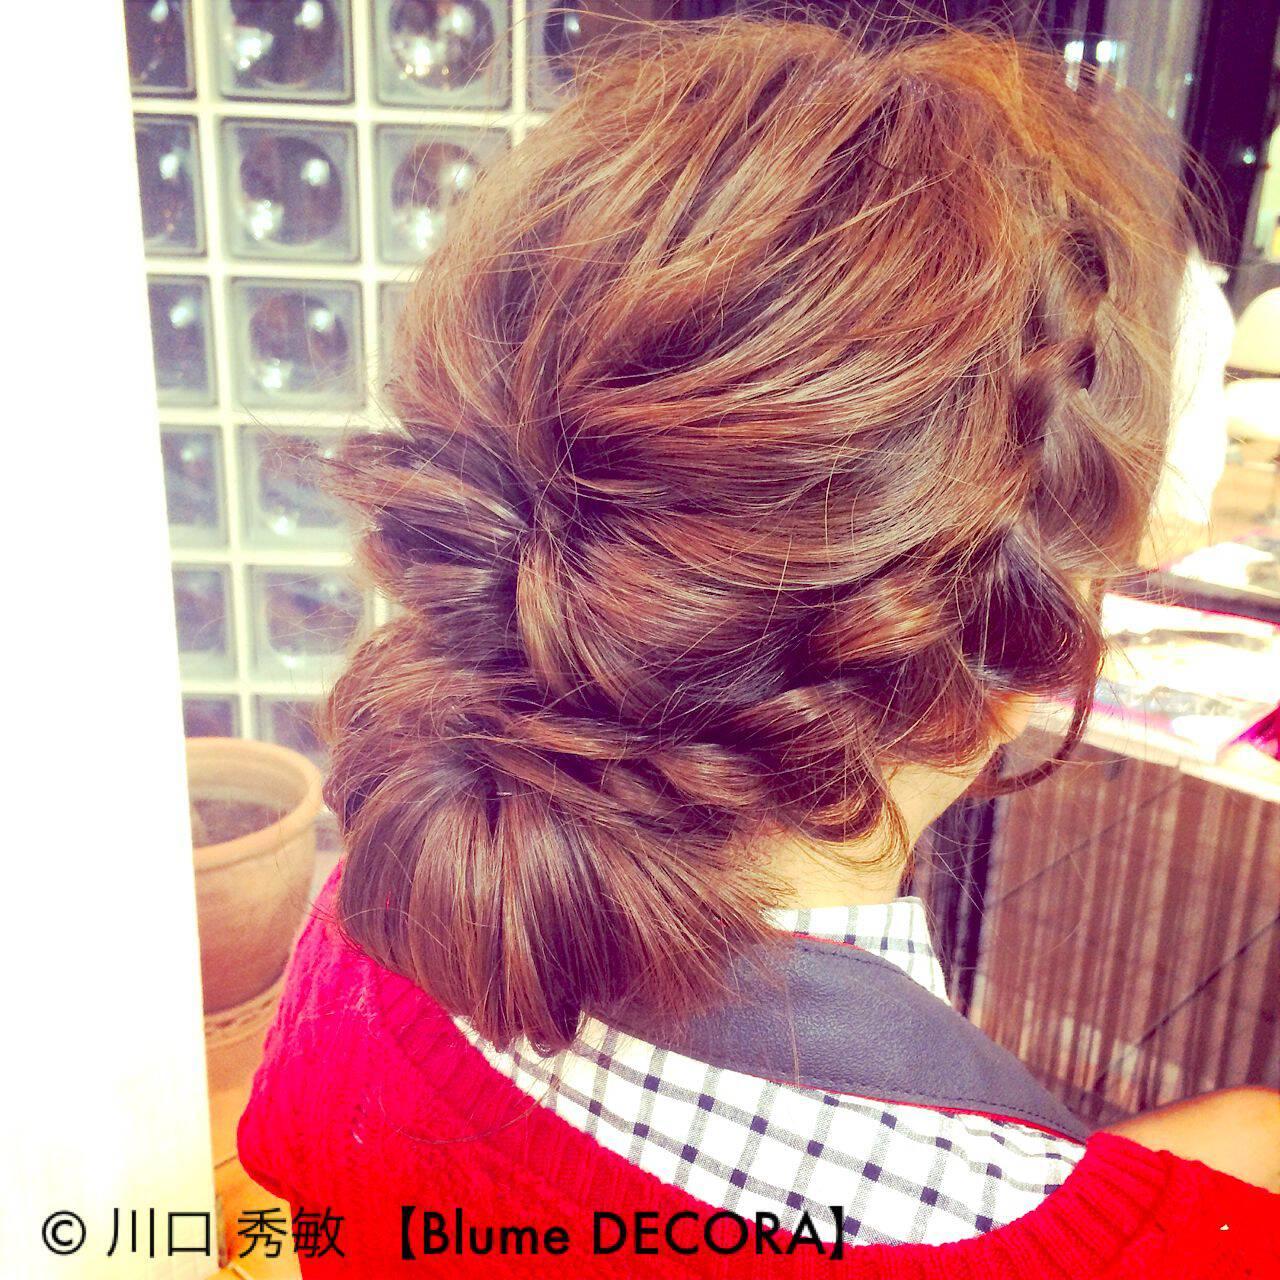 モテ髪 編み込み 愛され ヘアアレンジヘアスタイルや髪型の写真・画像